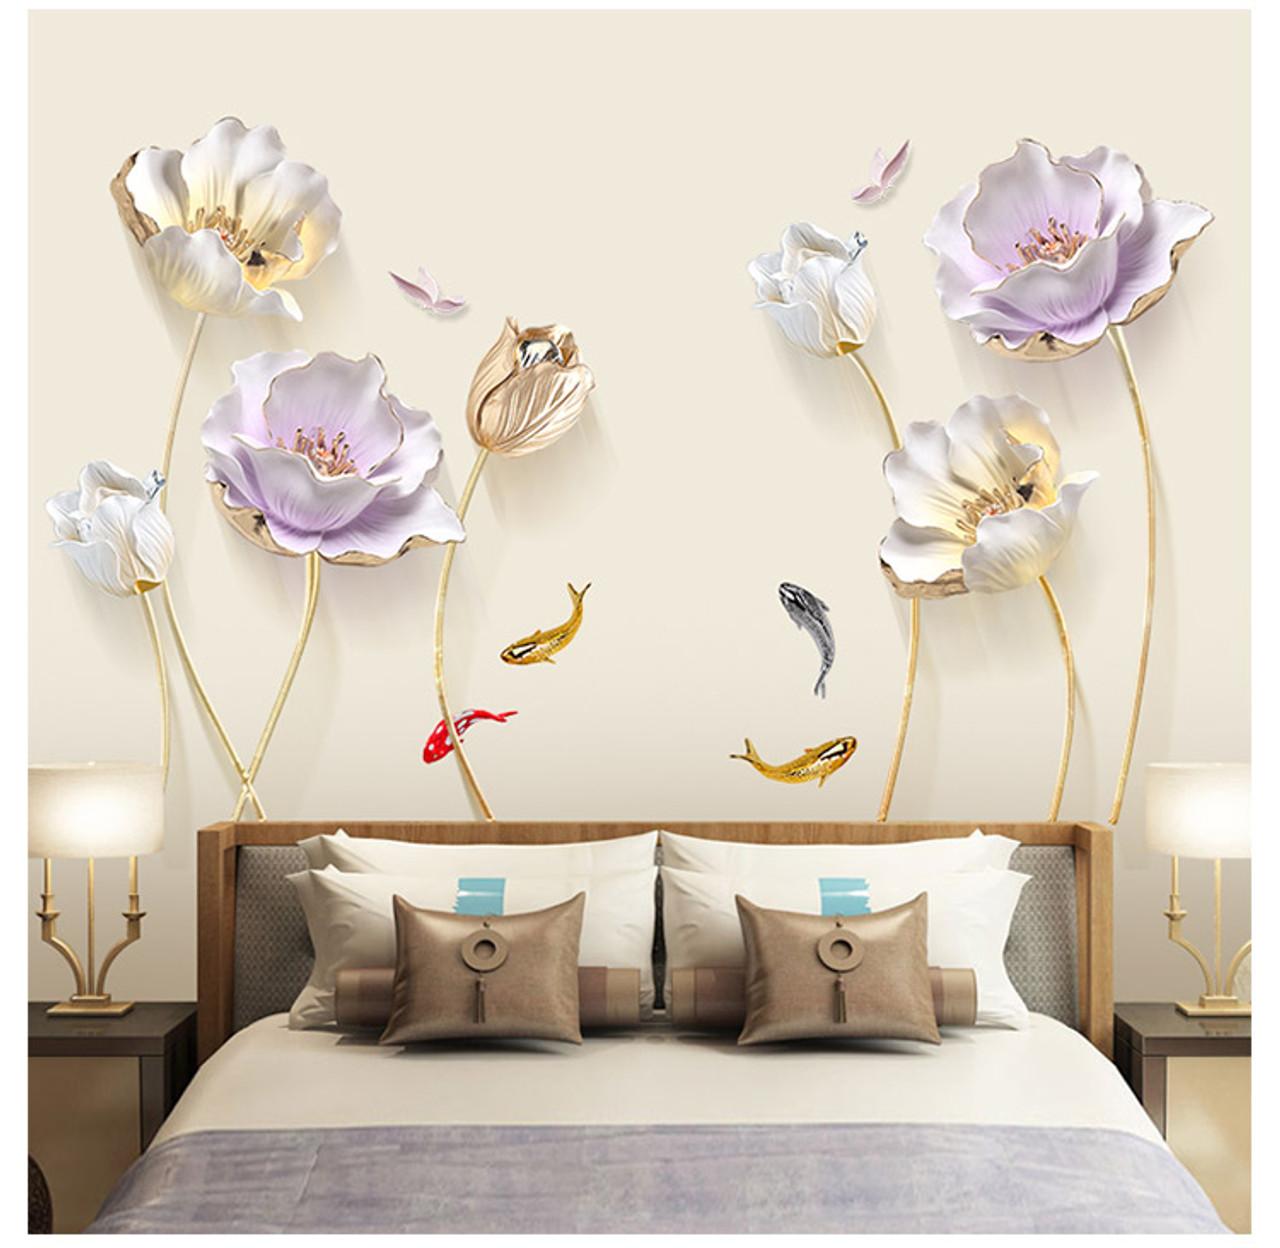 WoowPaper Bedroom 3d Wallpaper Wall